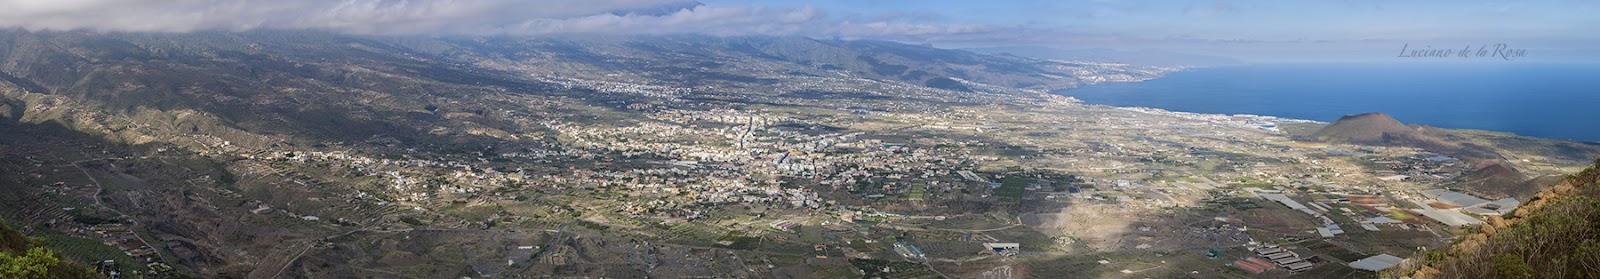 Panorámica del Valle de Güímar tomada desde la Ladera del mismo nombre y que abarca desde la cumbre hasta el mar.